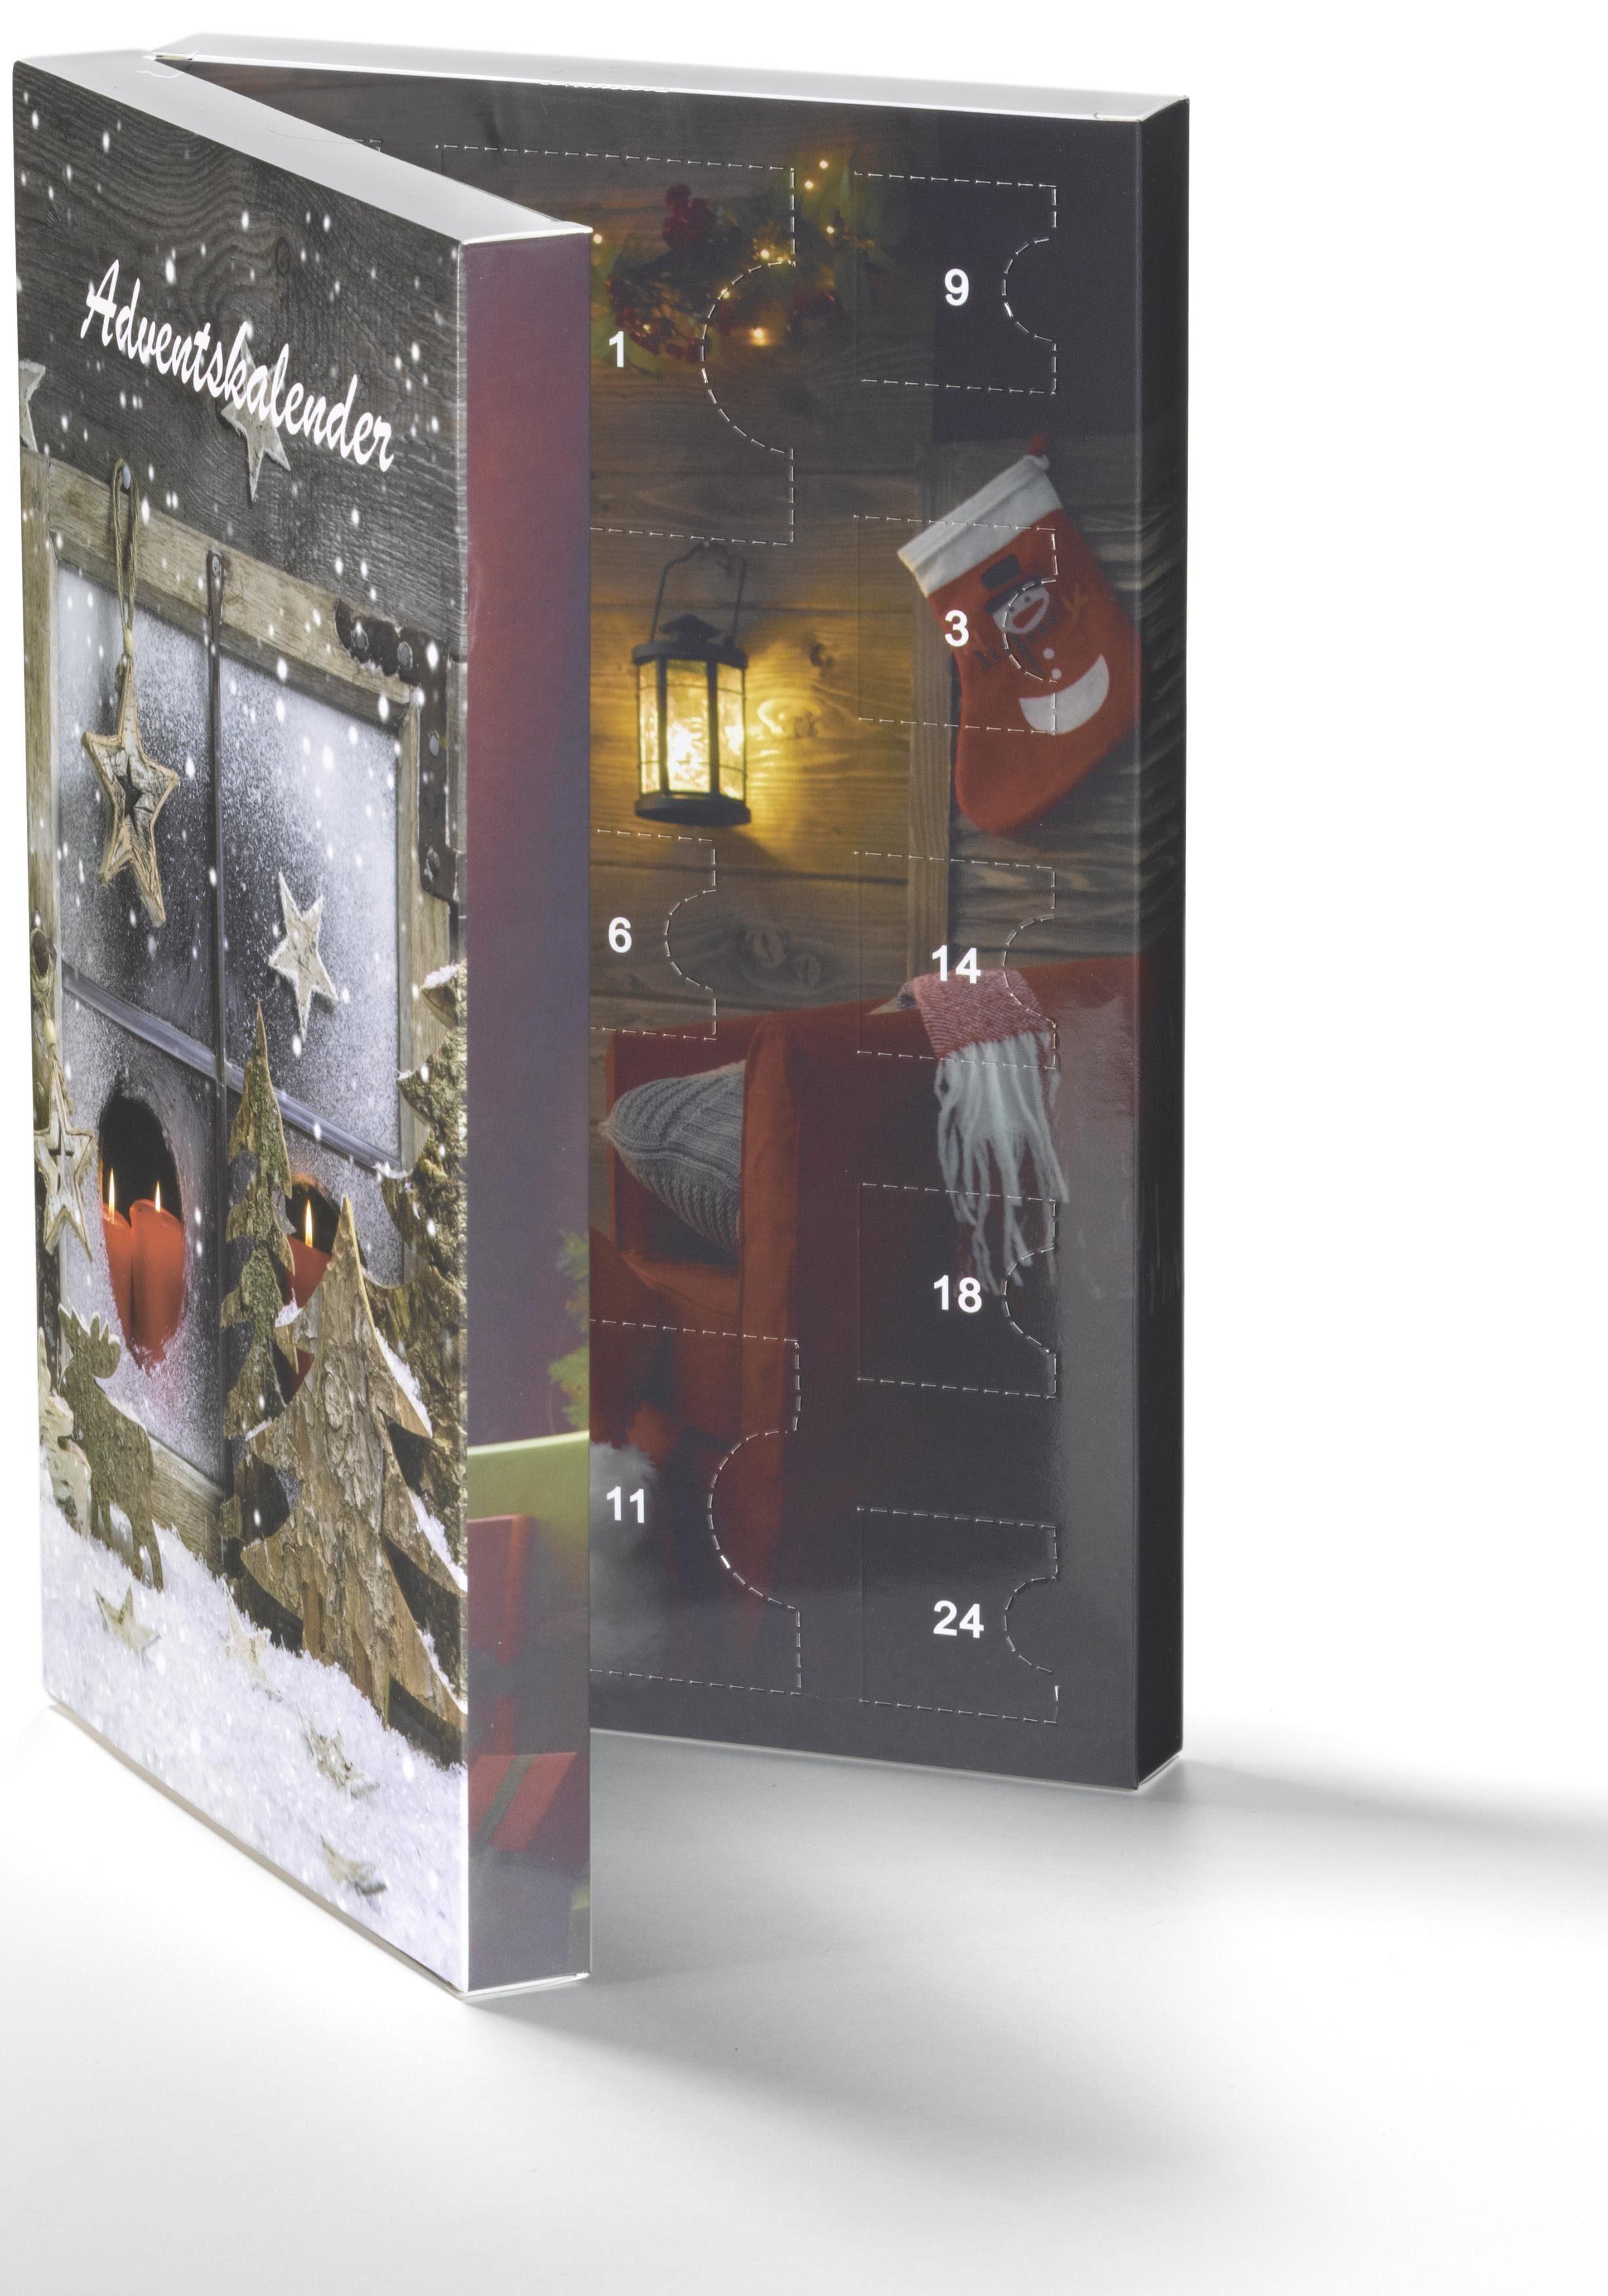 Smart Jewel Schmuck-Adventskalender »Watch« (Set, 24 tlg) Geschenkidee für die Adventszeit